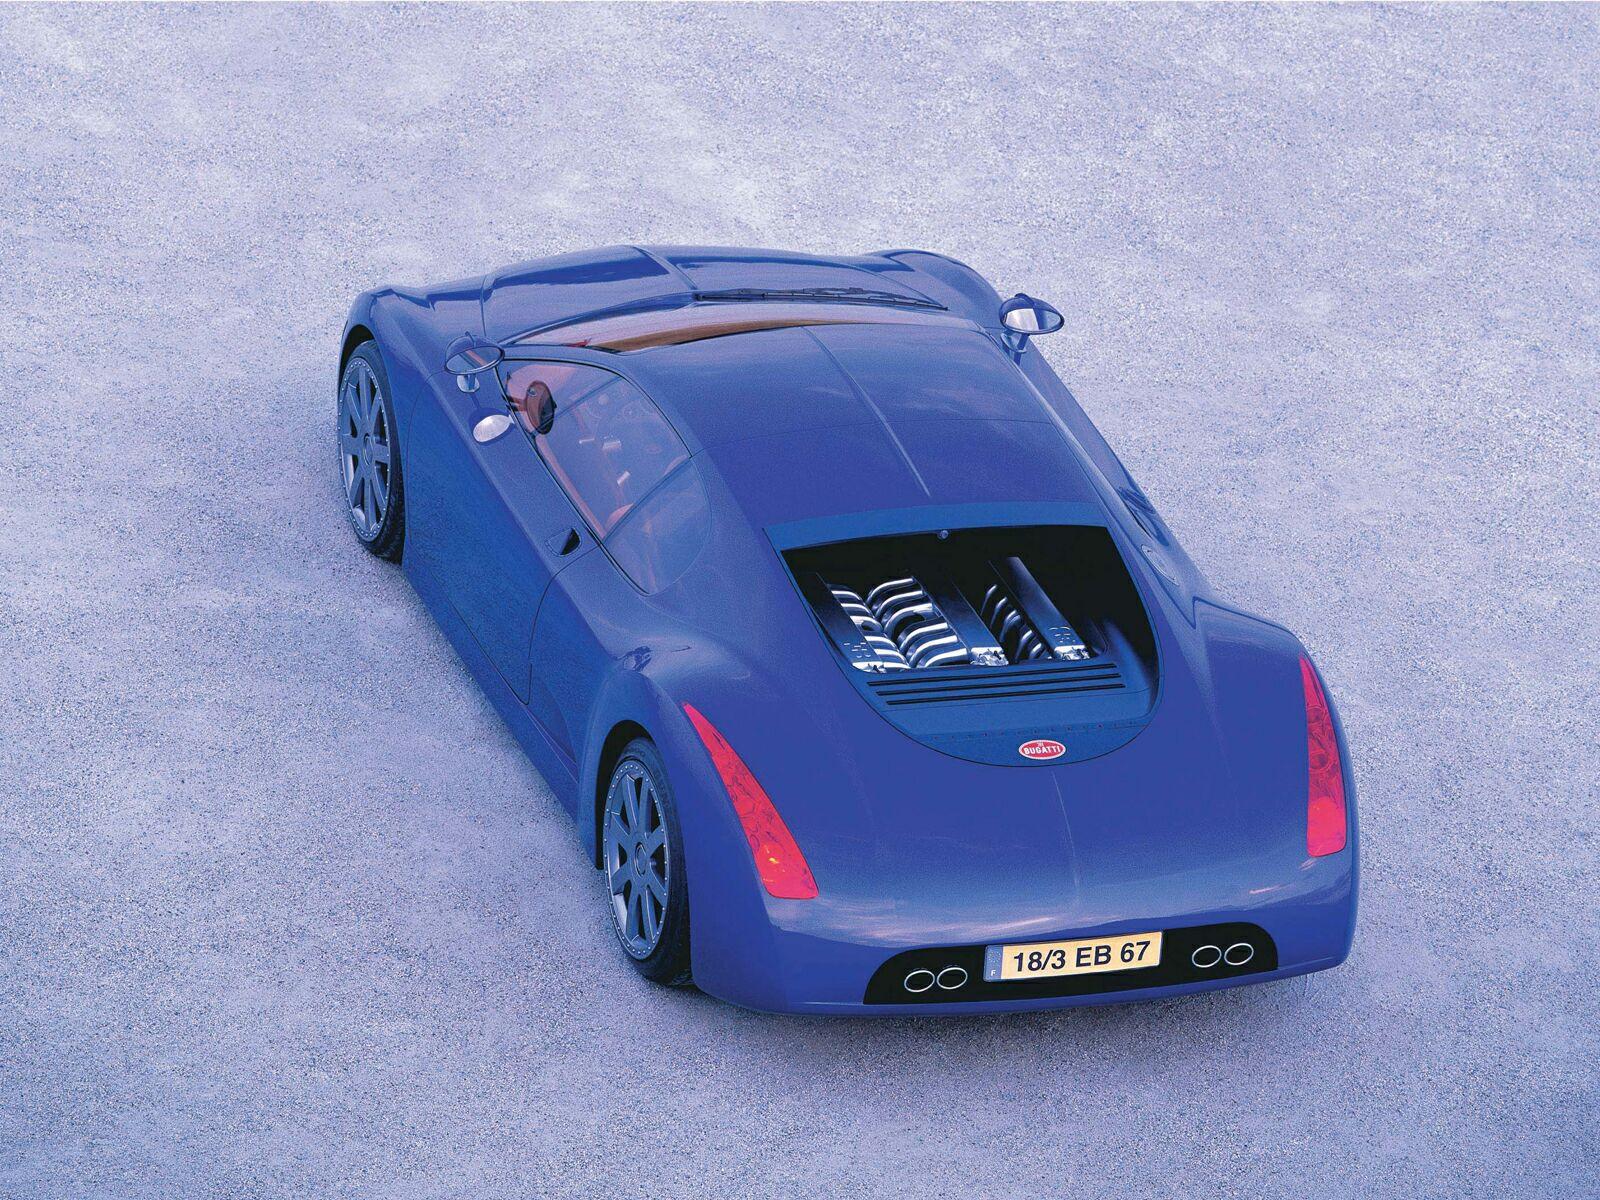 Каким был первый гиперкар Bugatti Chiron 20 лет назад